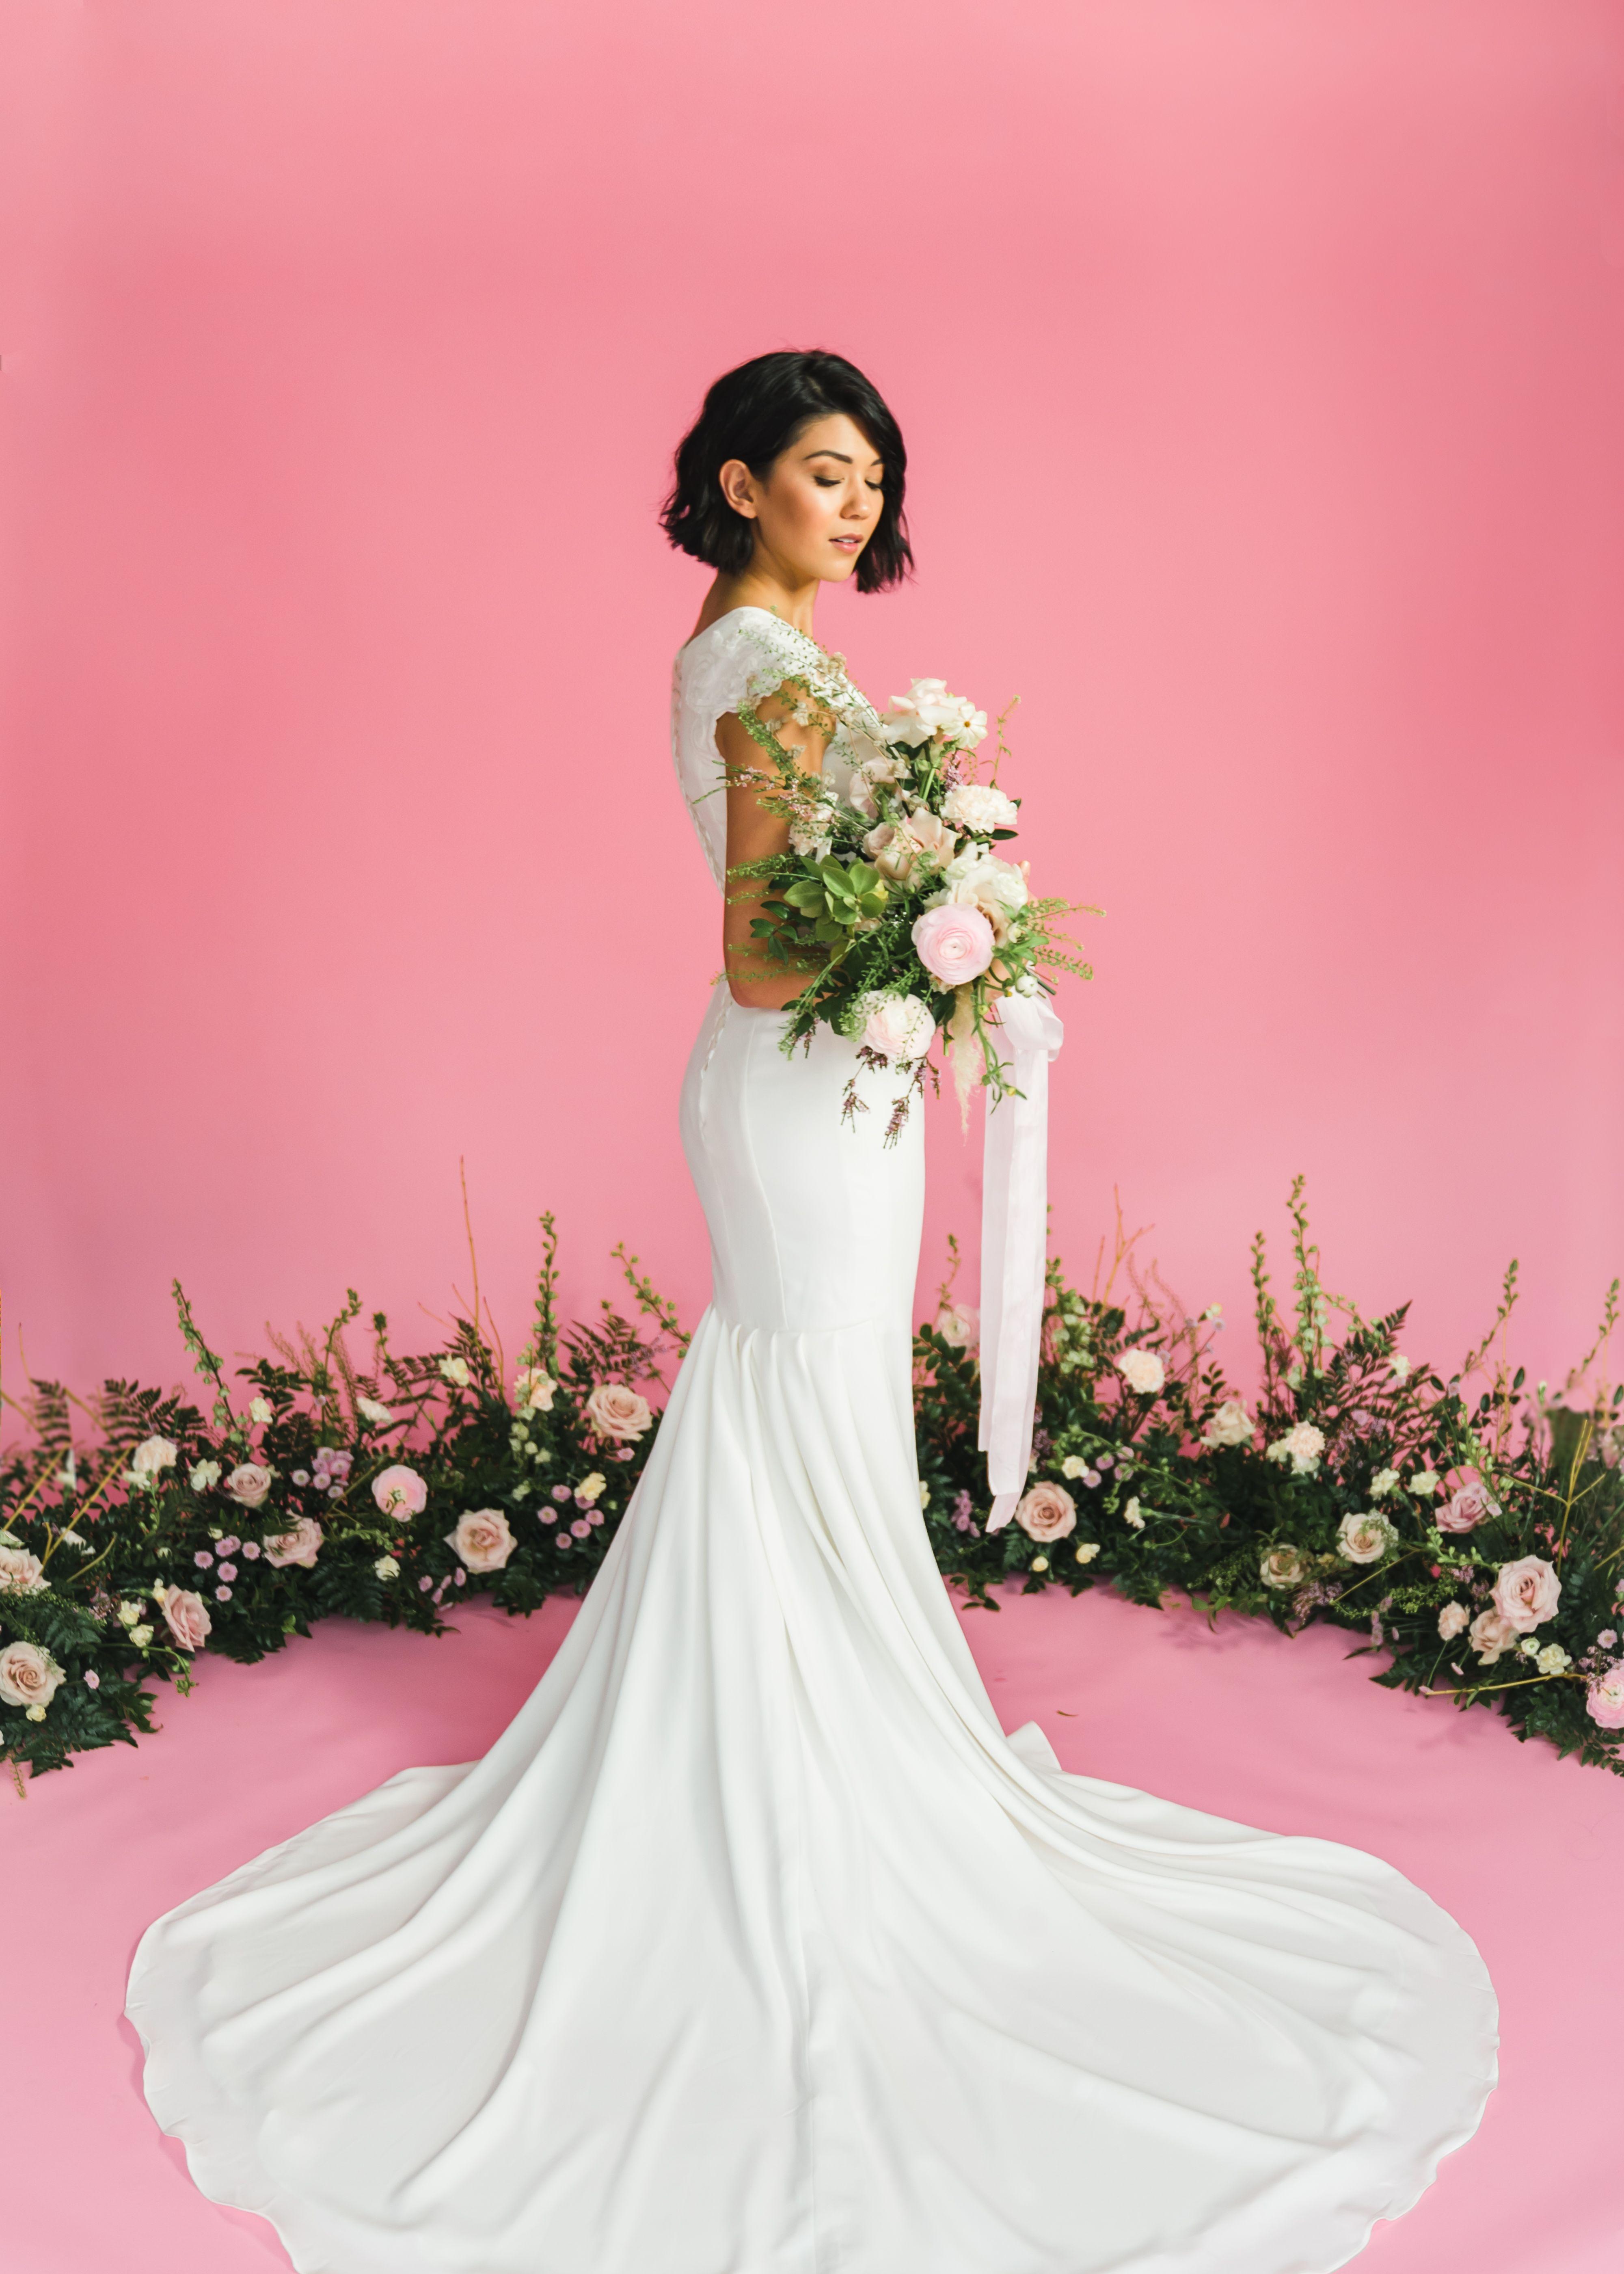 Madeleine gown by Elizabeth Cooper Design modest wedding